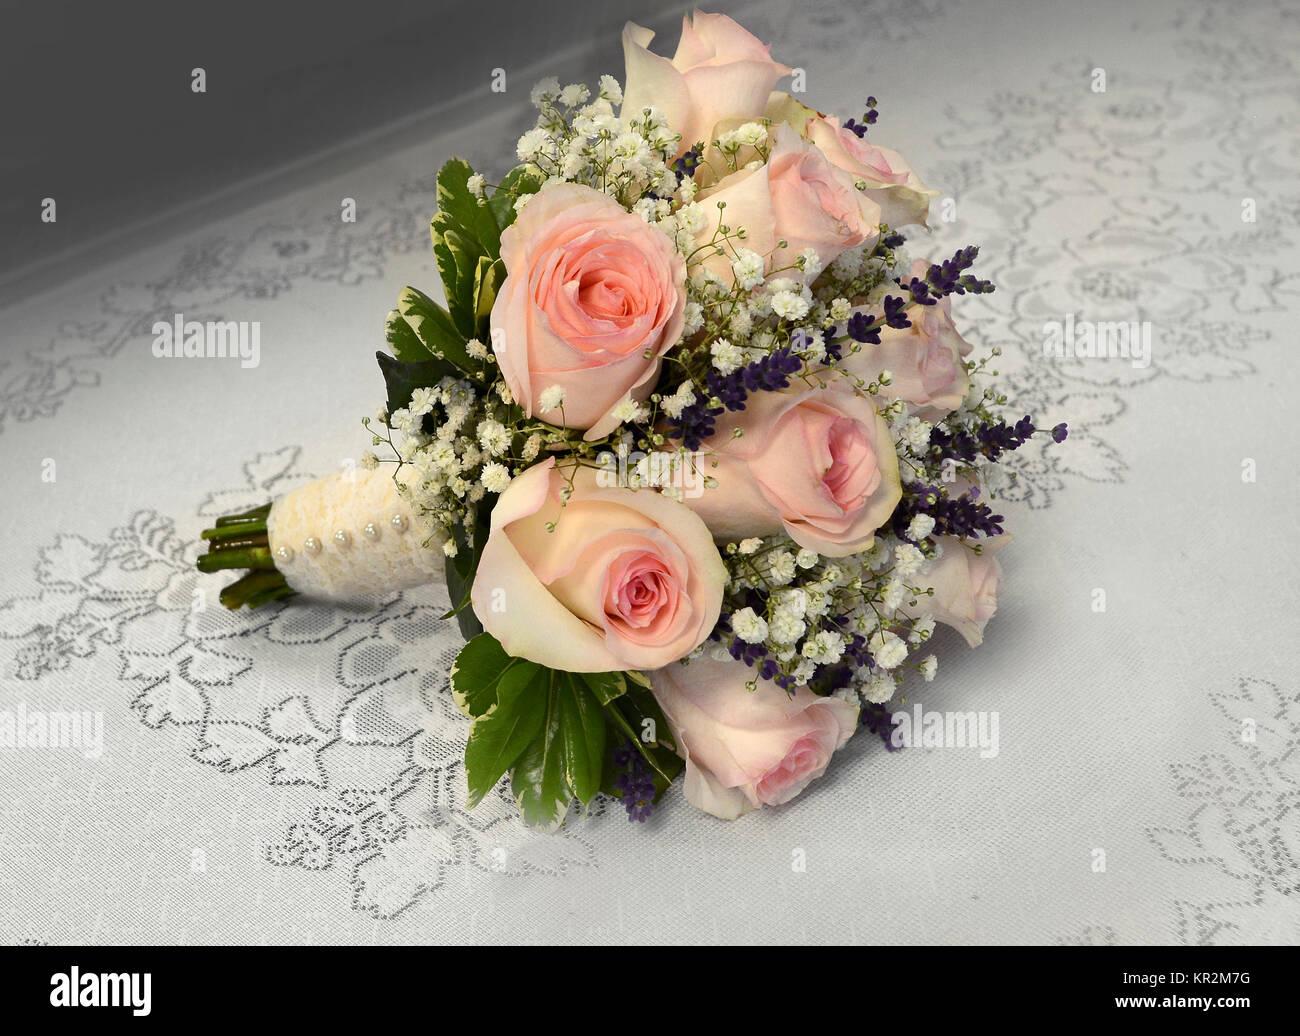 Foto Von Einem Kleinen Romantischen Nosegay Brautstrauss Mit Rosa